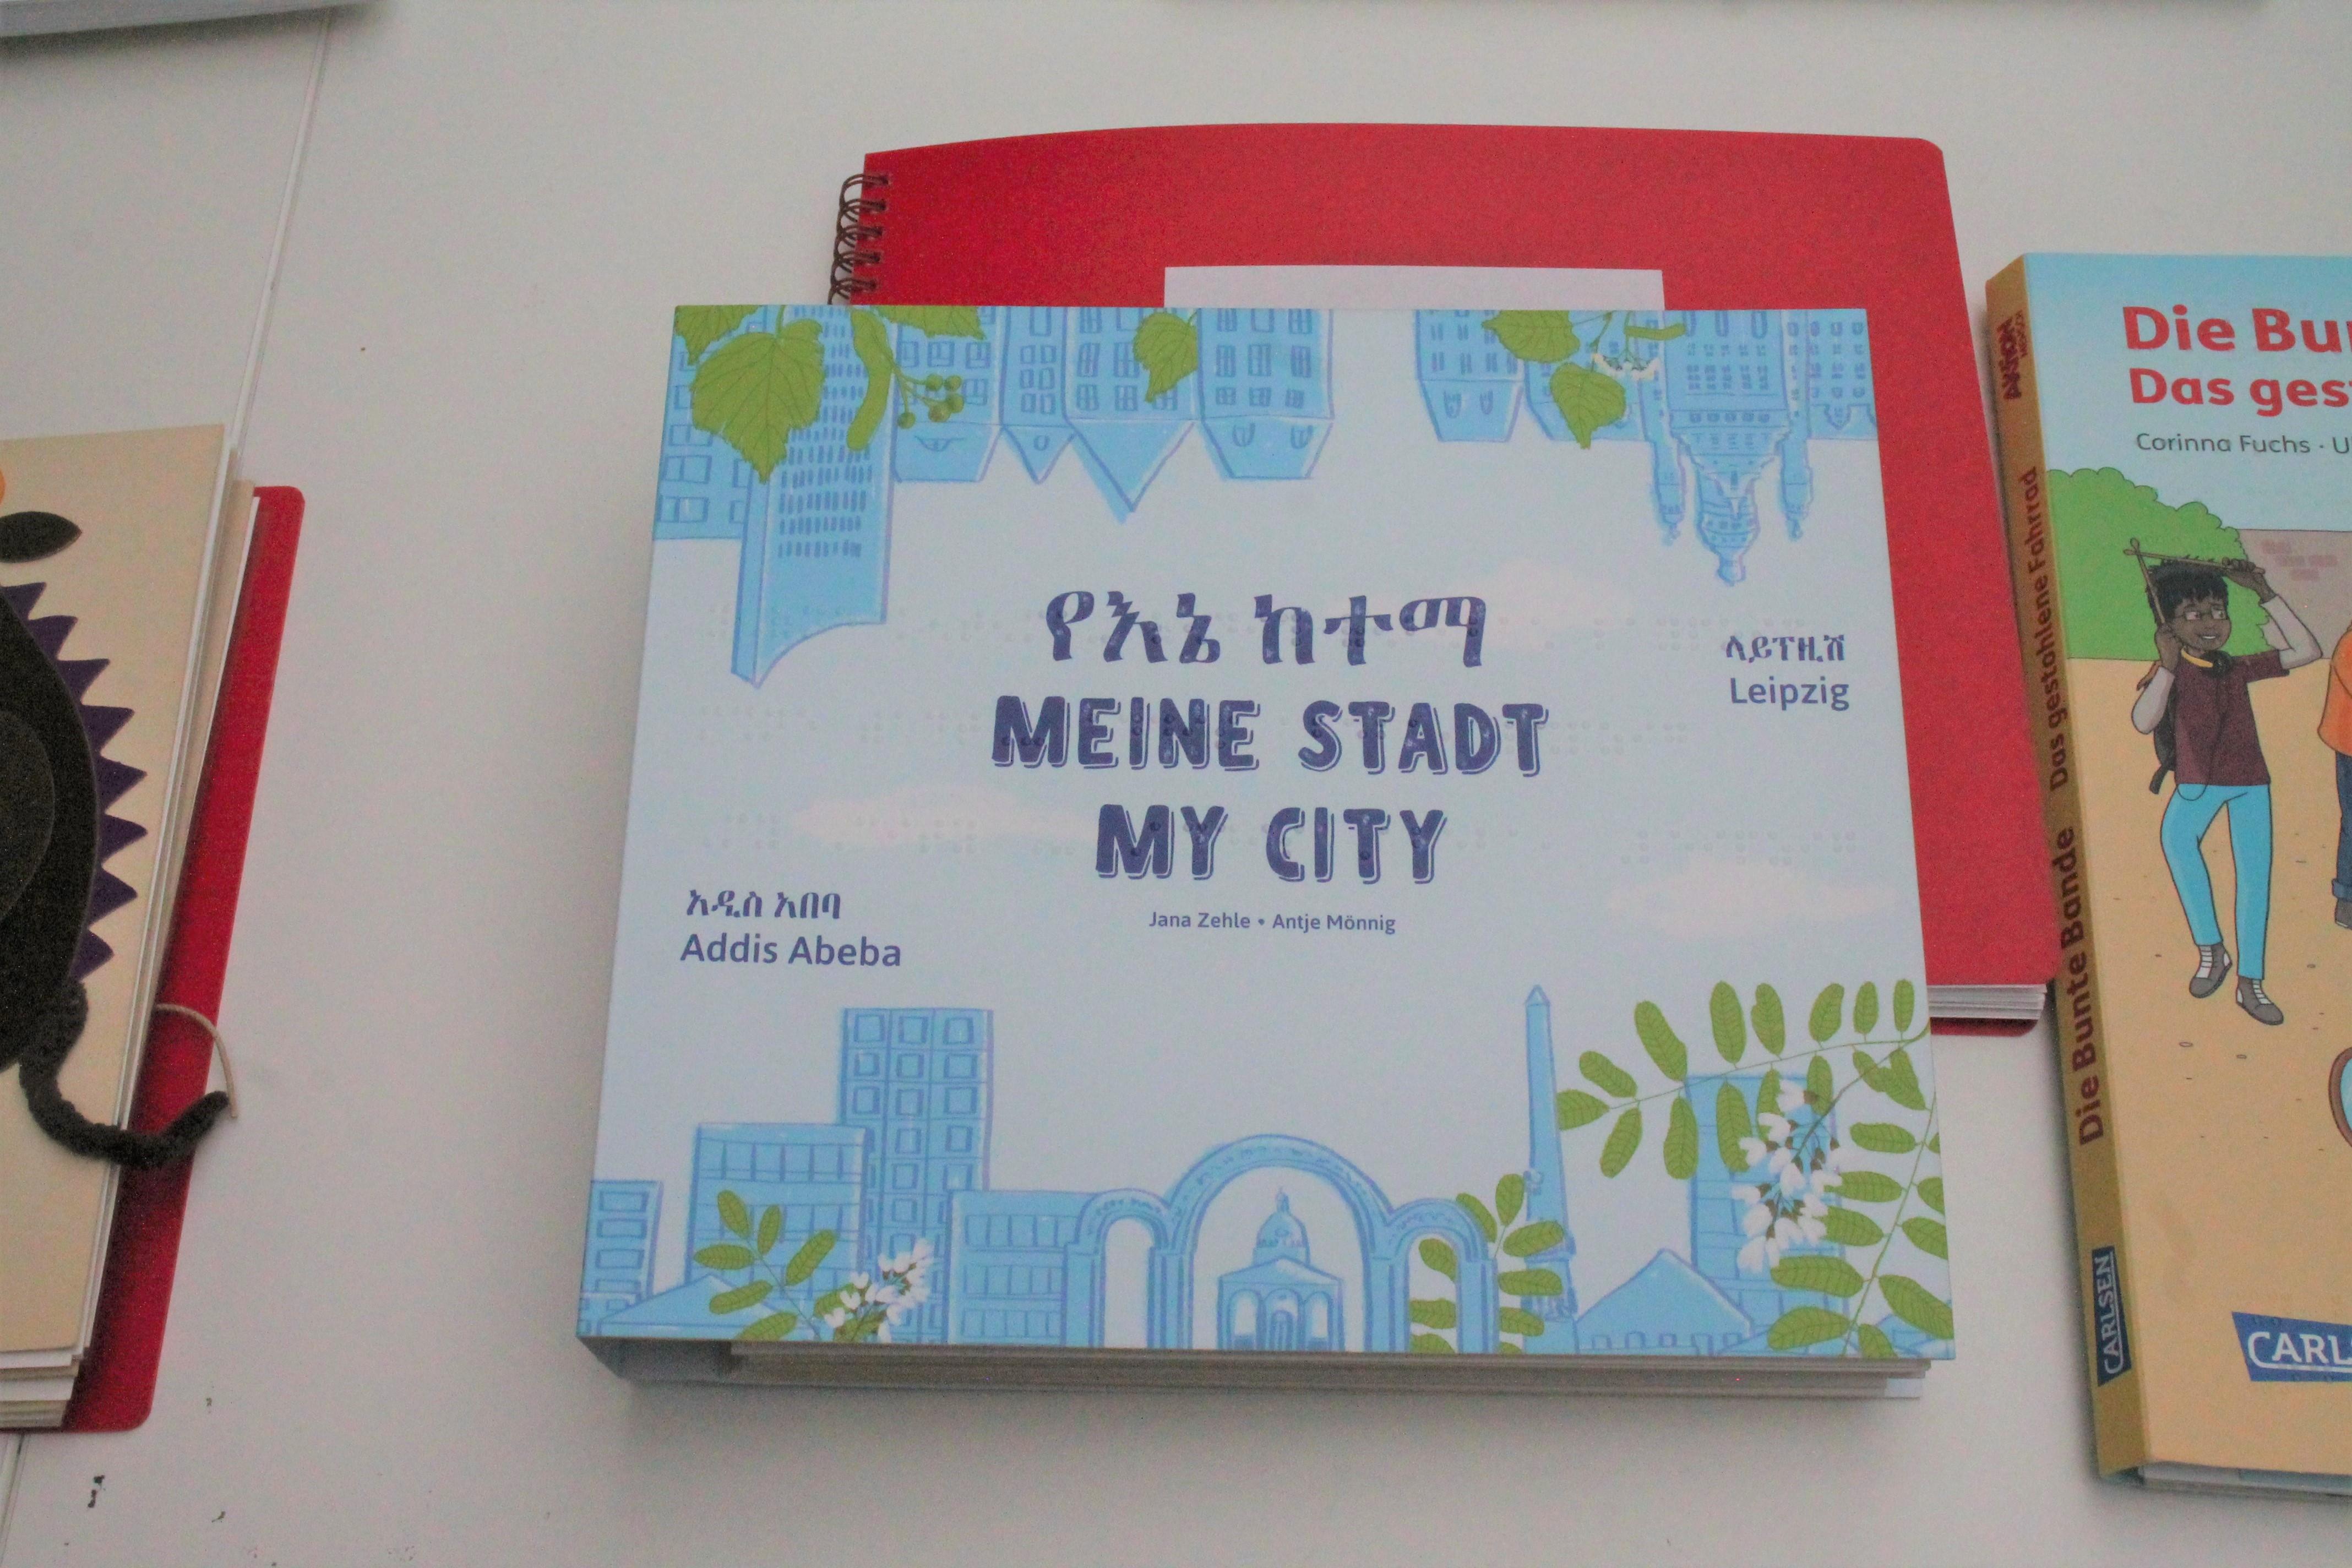 Taktiles Kinderbuch Meine Stadt Addis Abeba und Leipzig